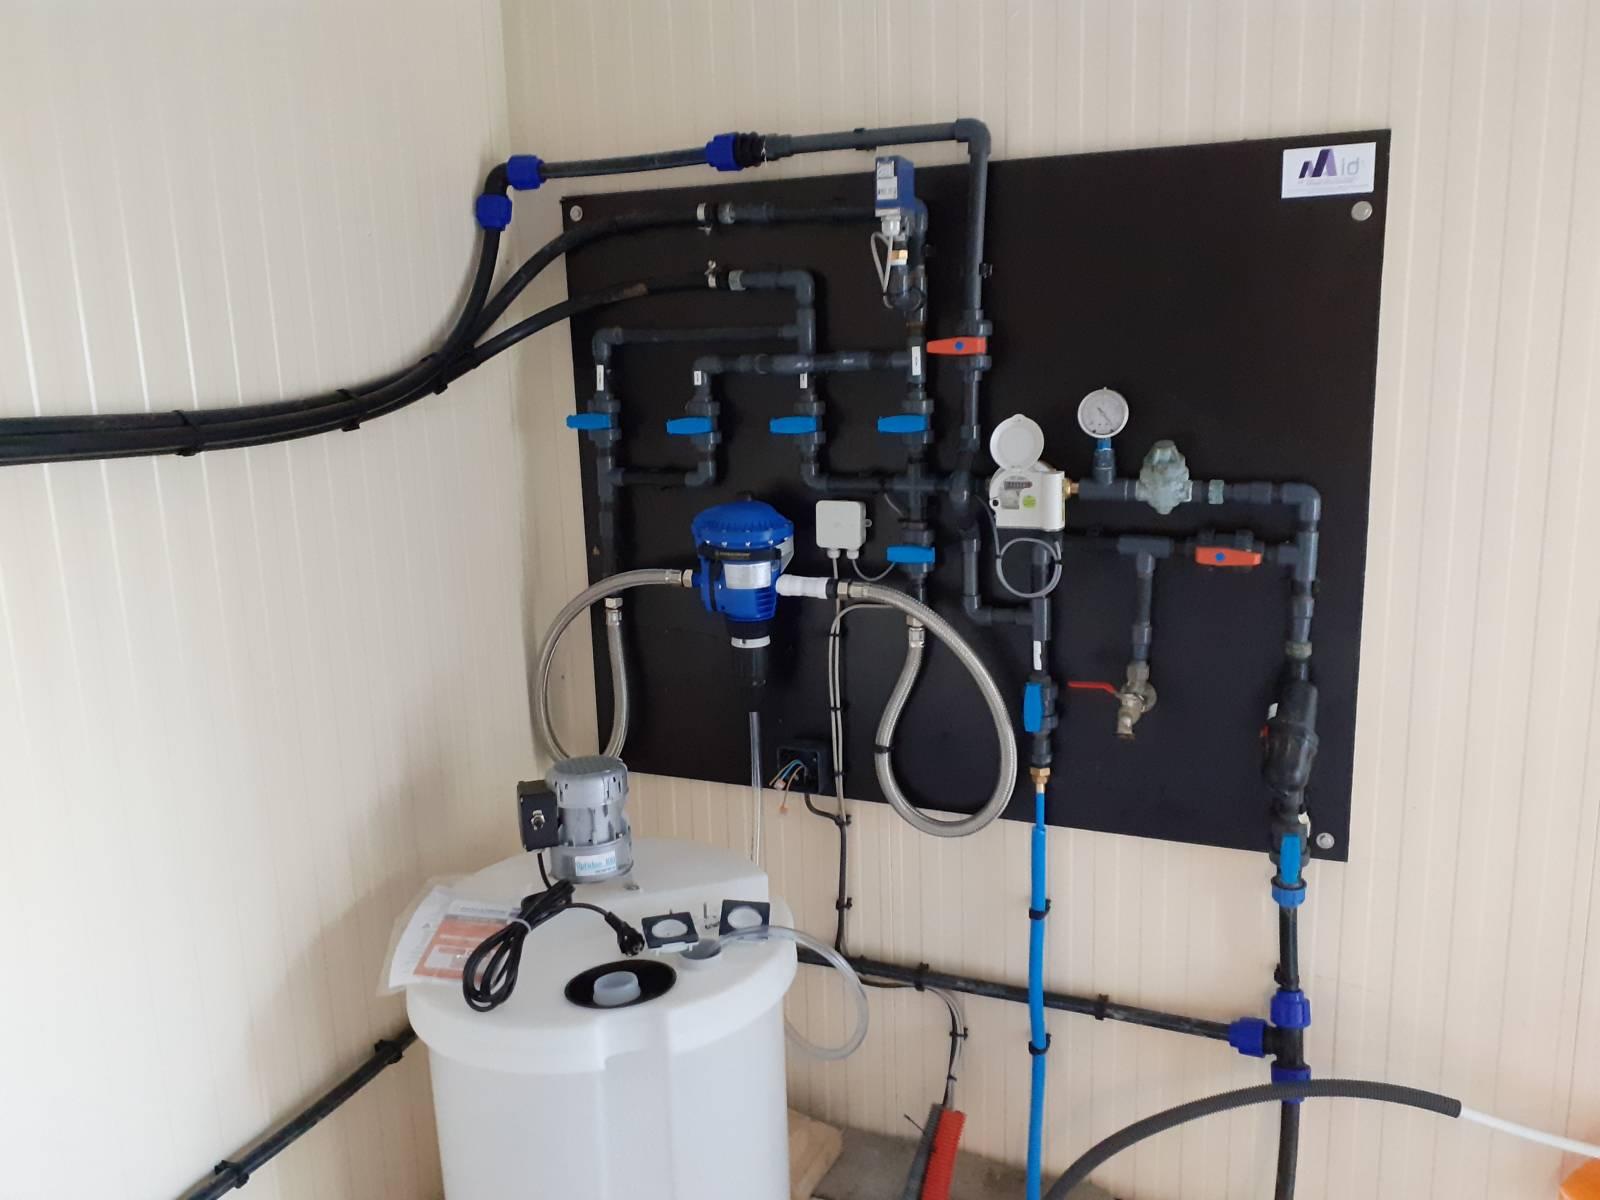 Tableau de distribution d'eau et traitement de l'eau